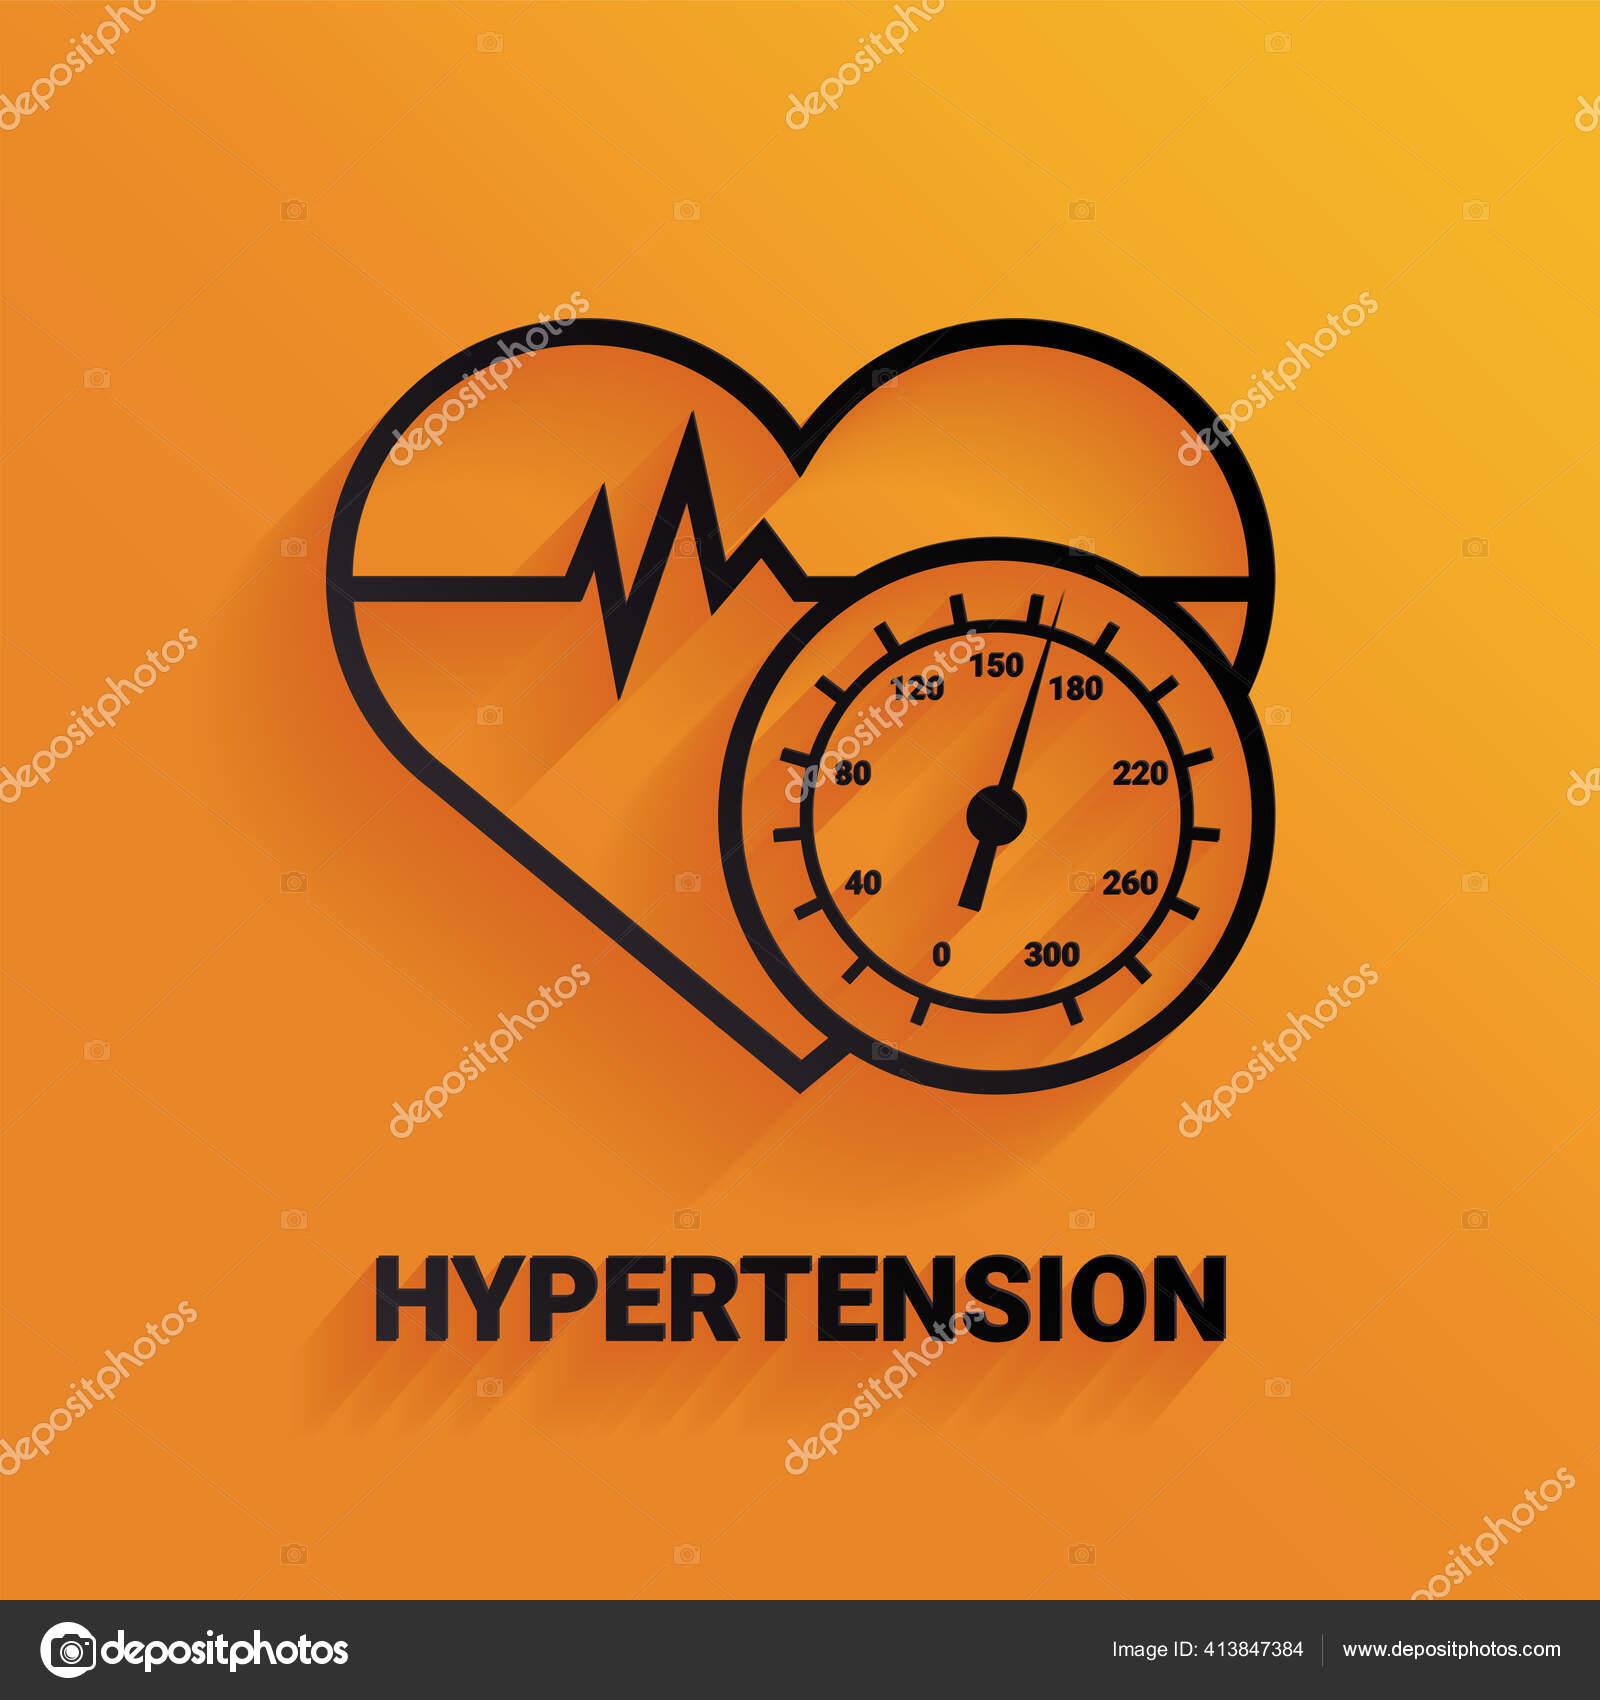 magas vérnyomás poszter hipertónia kockázattal